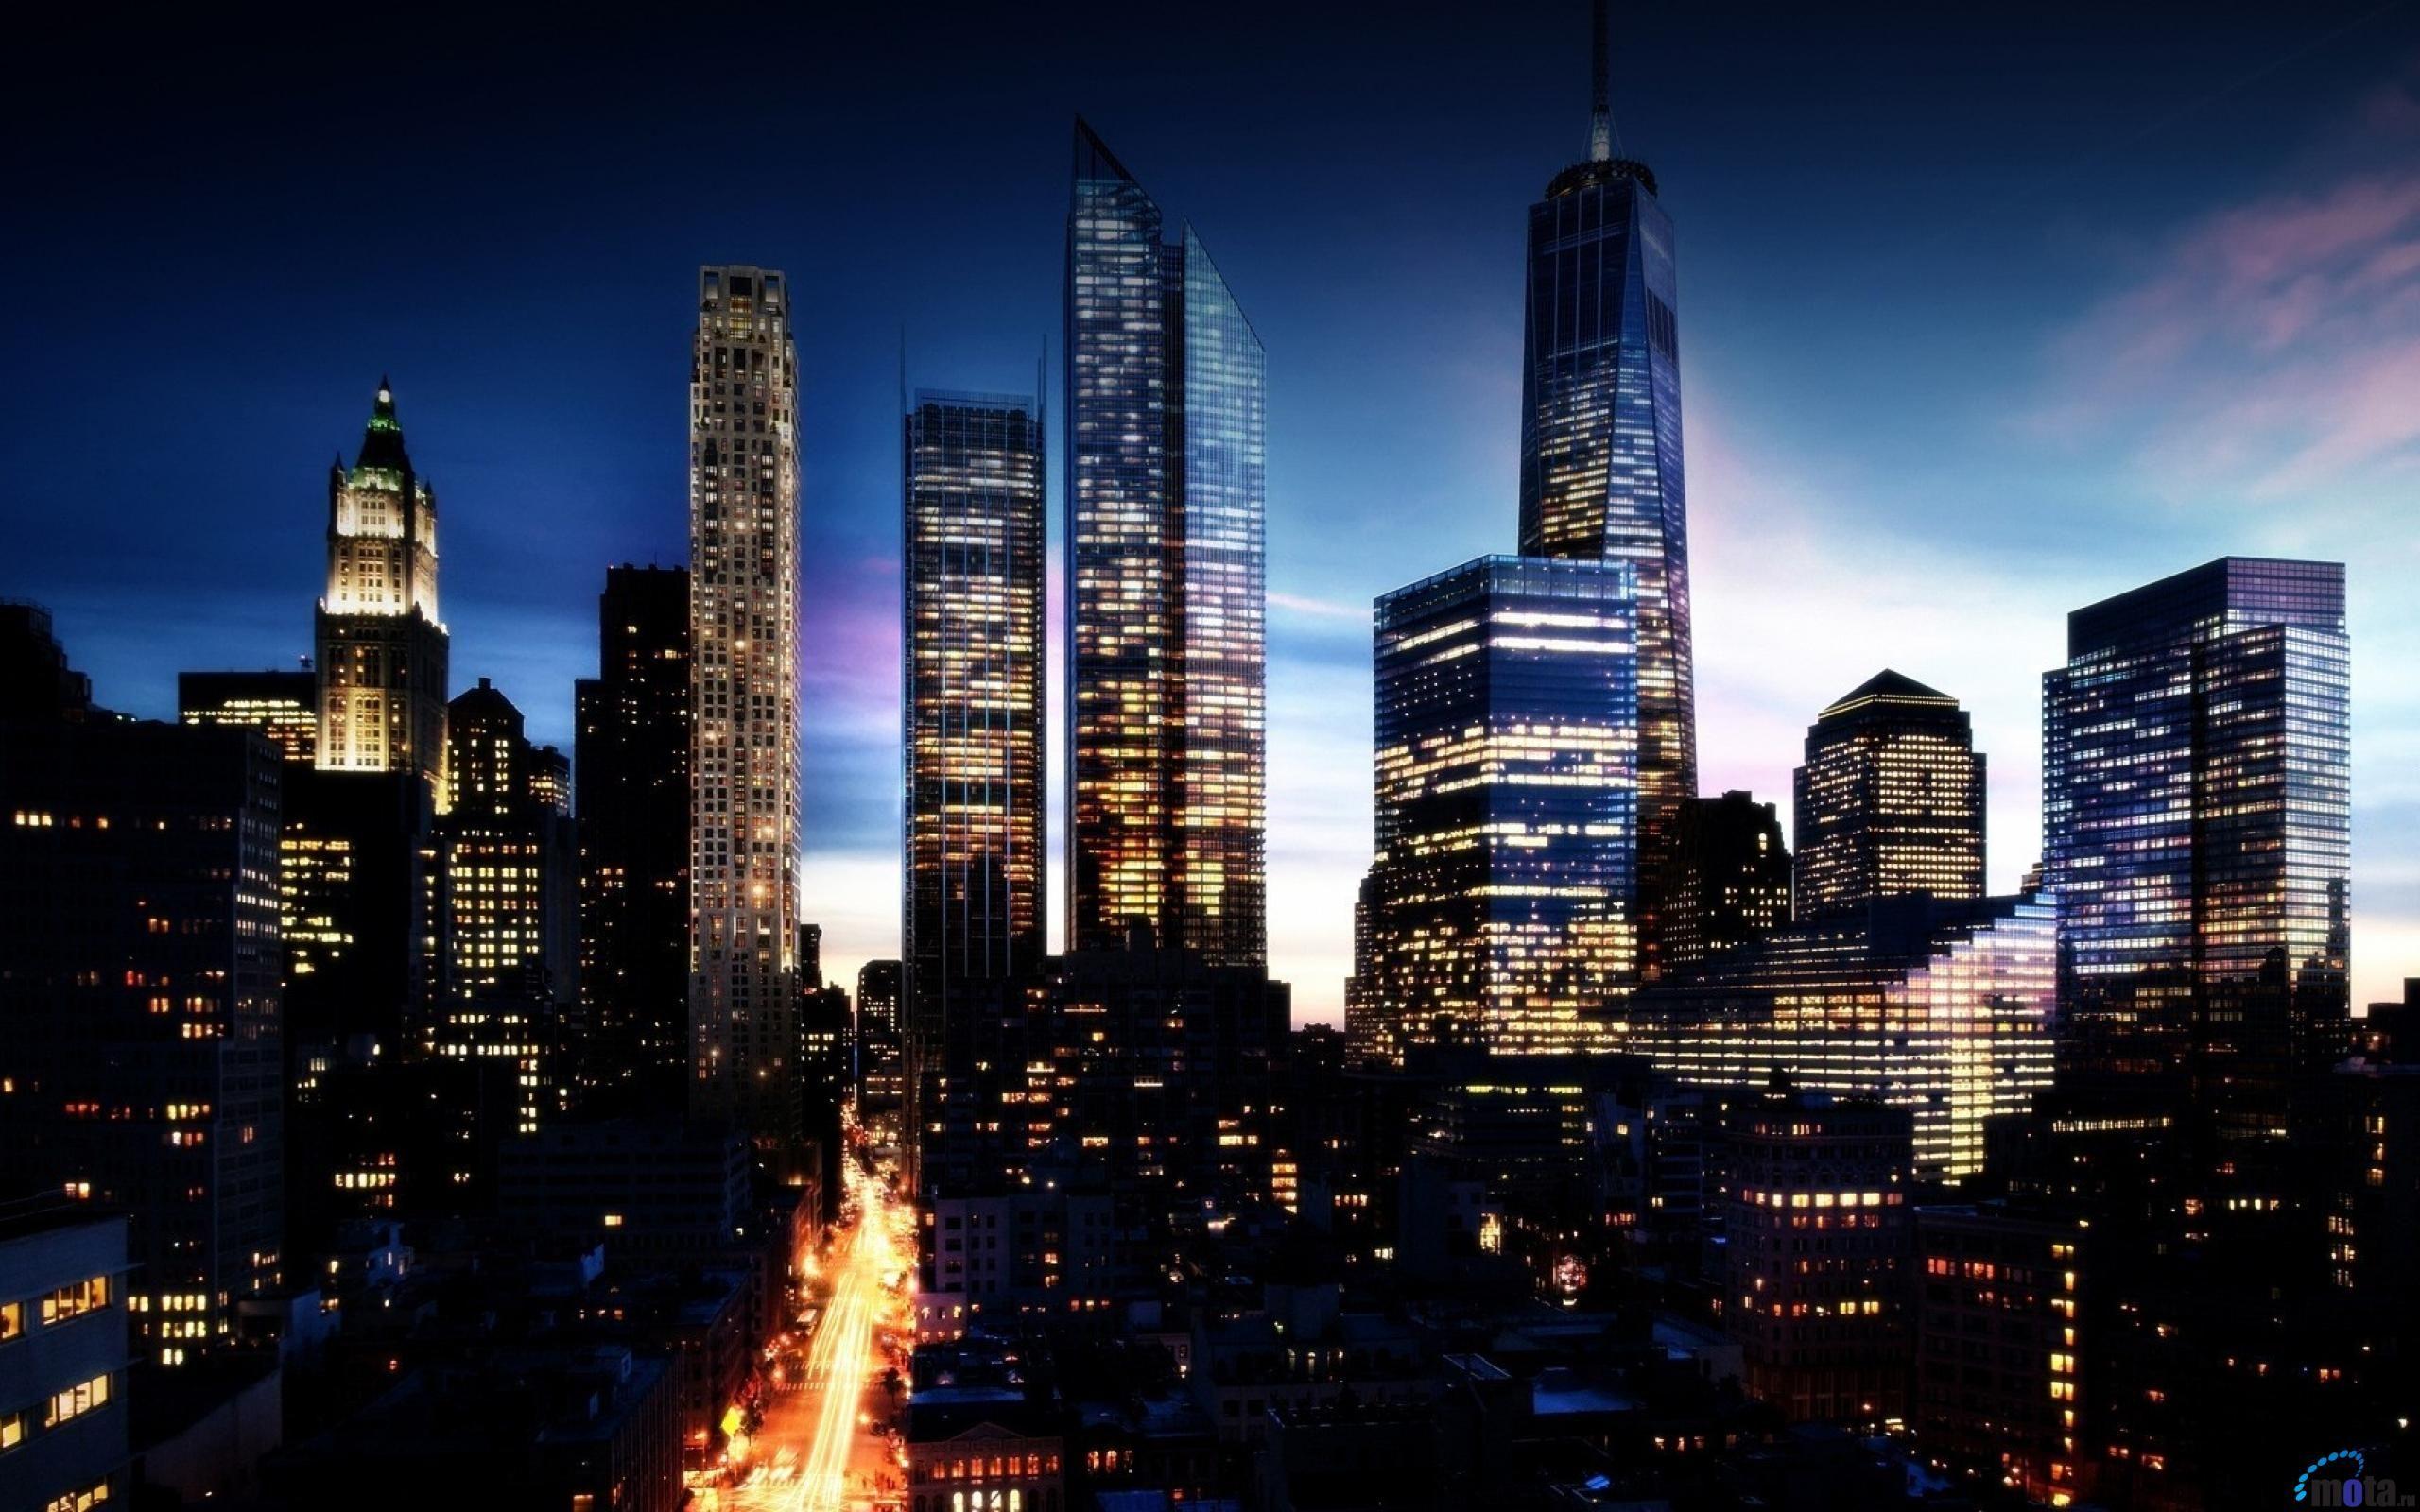 Обои огни, Город, Пейзаж, небоскребы, ночь. Города foto 13